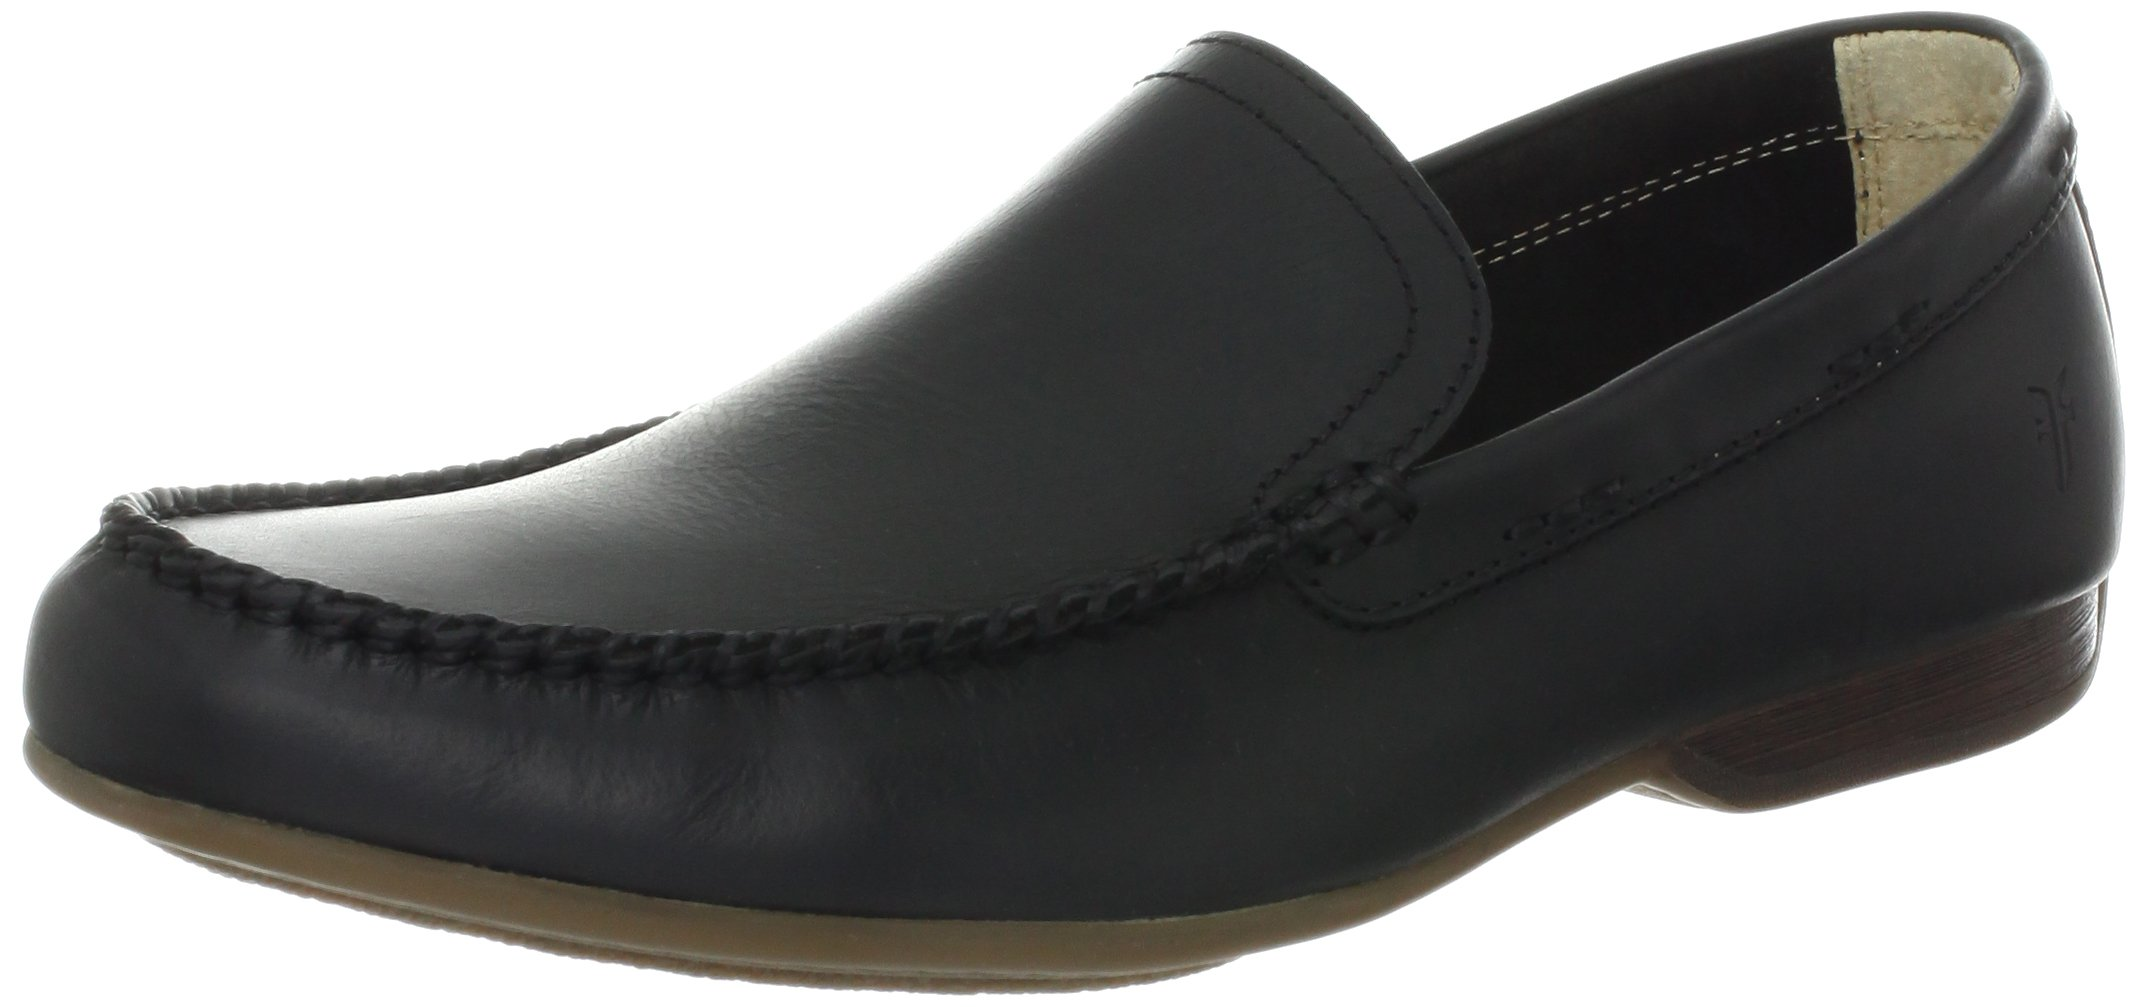 FRYE Men's Lewis Venetian Slip-On Black 7 M US